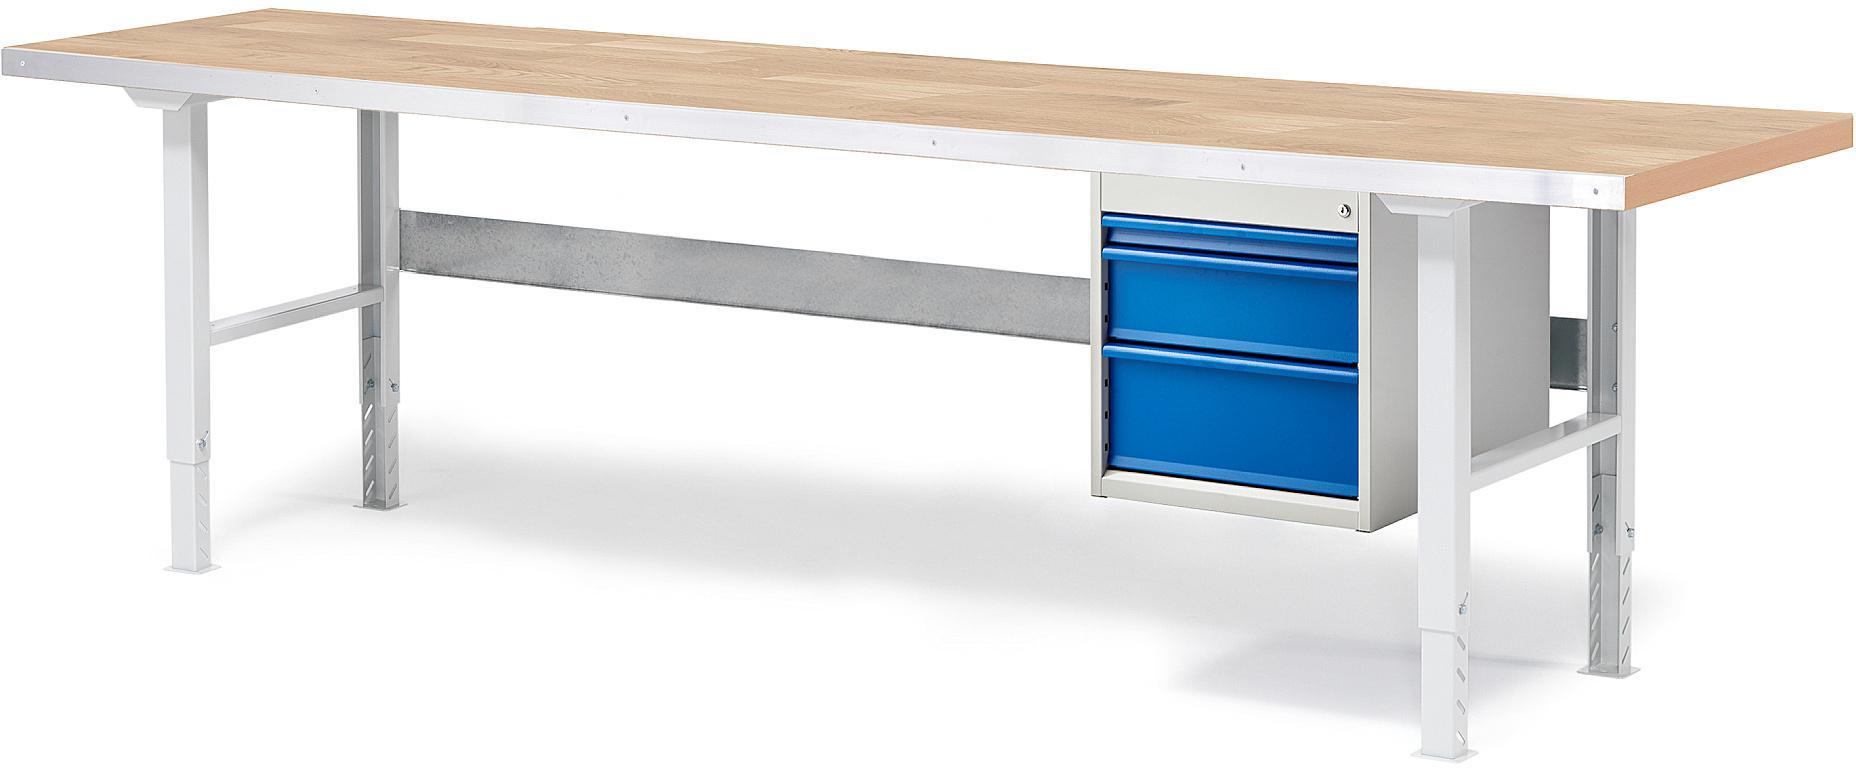 Dielenský stôl Solid s 3 zásuvkami, nosnosť 750 kg, 2500x800 mm, dub